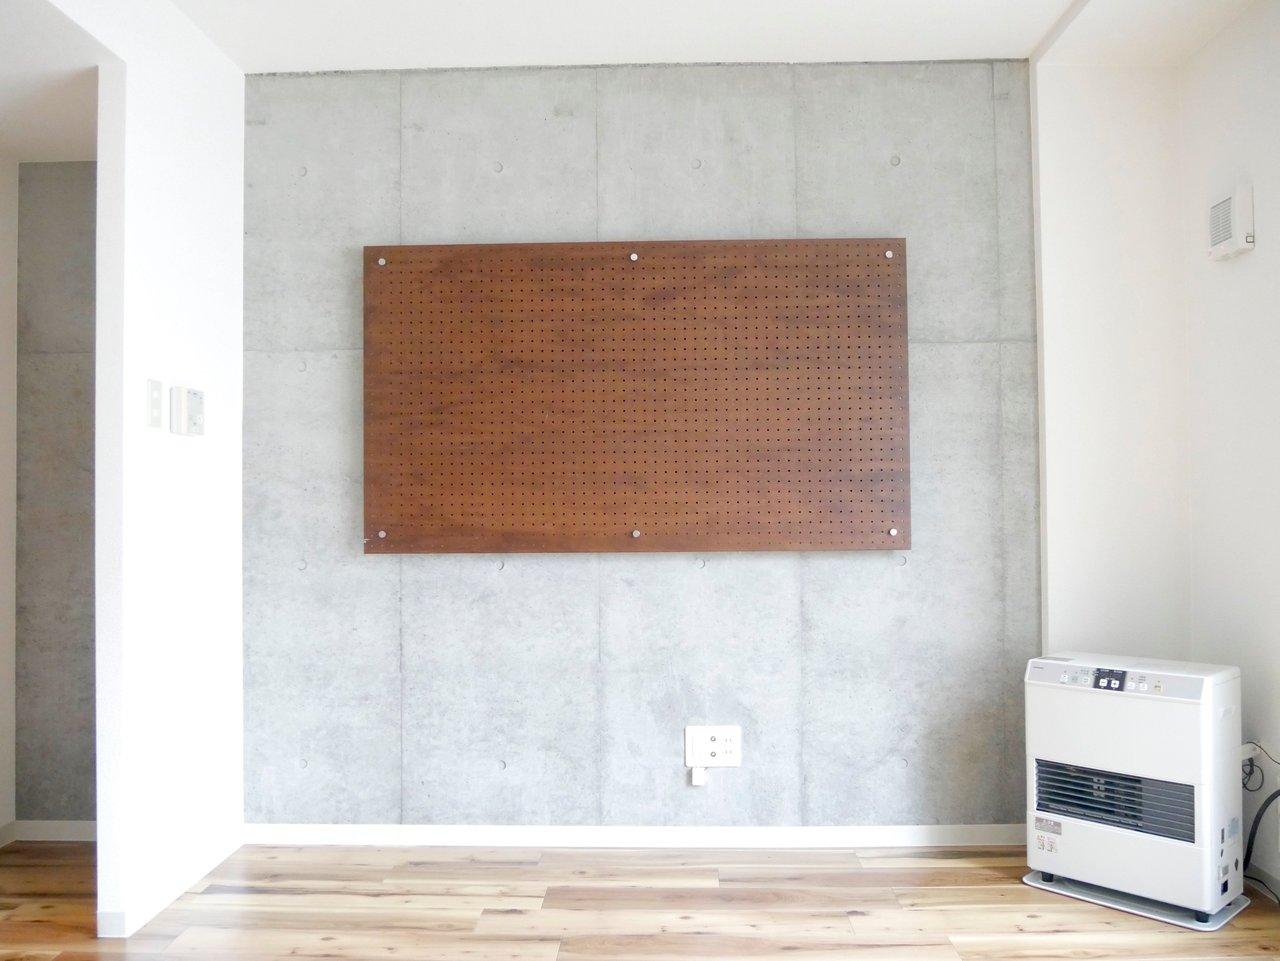 コンクリ調の壁が印象的な1LDKのお部屋。室内は7.5畳と4.6畳の広さに分かれています。